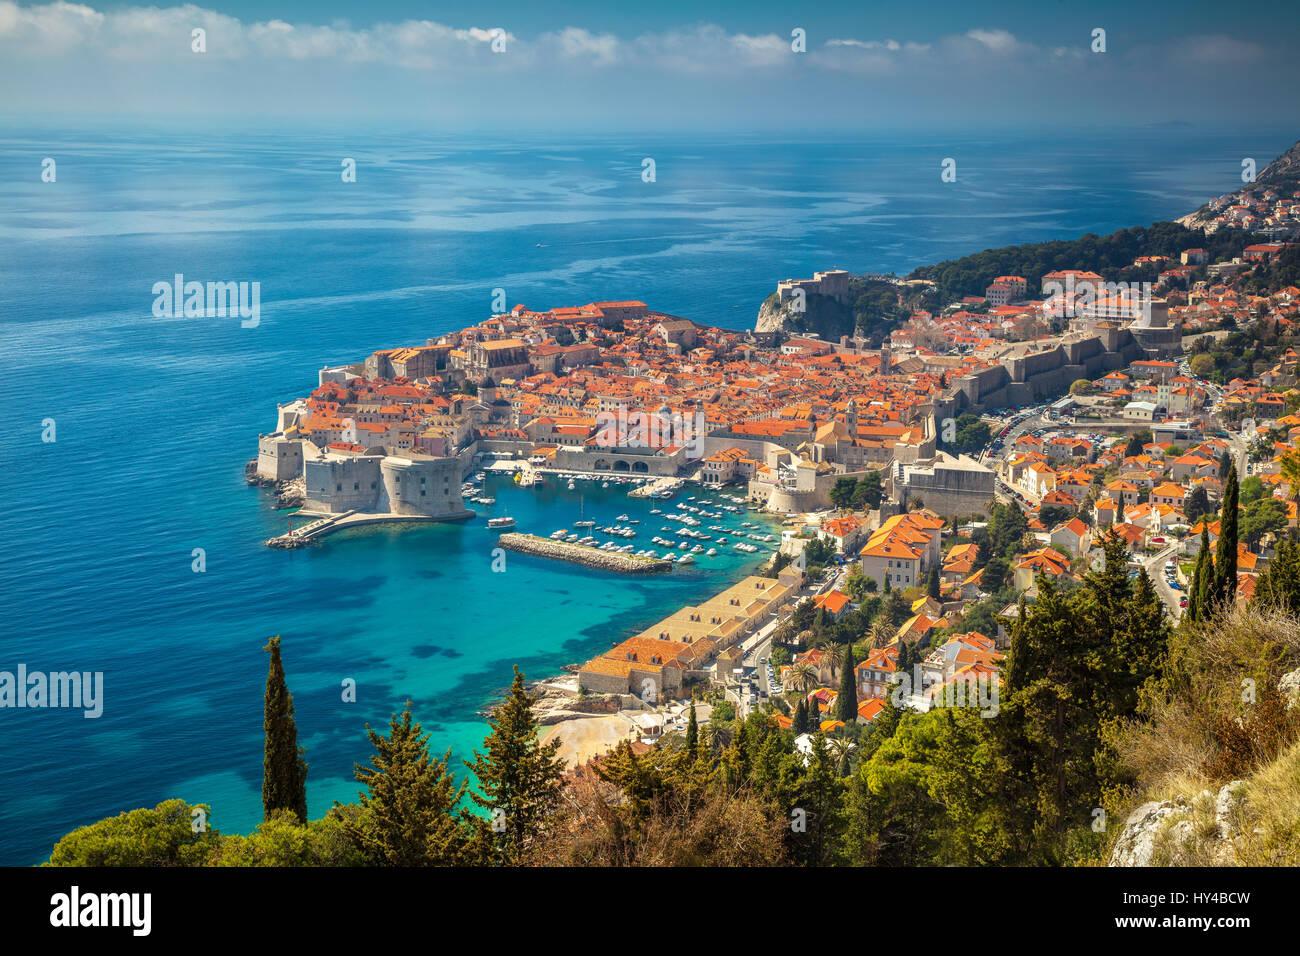 Dubrovnik, Croacia. Bonito y romántico casco antiguo de Dubrovnik durante el día soleado, Croacia, Europa. Imagen De Stock